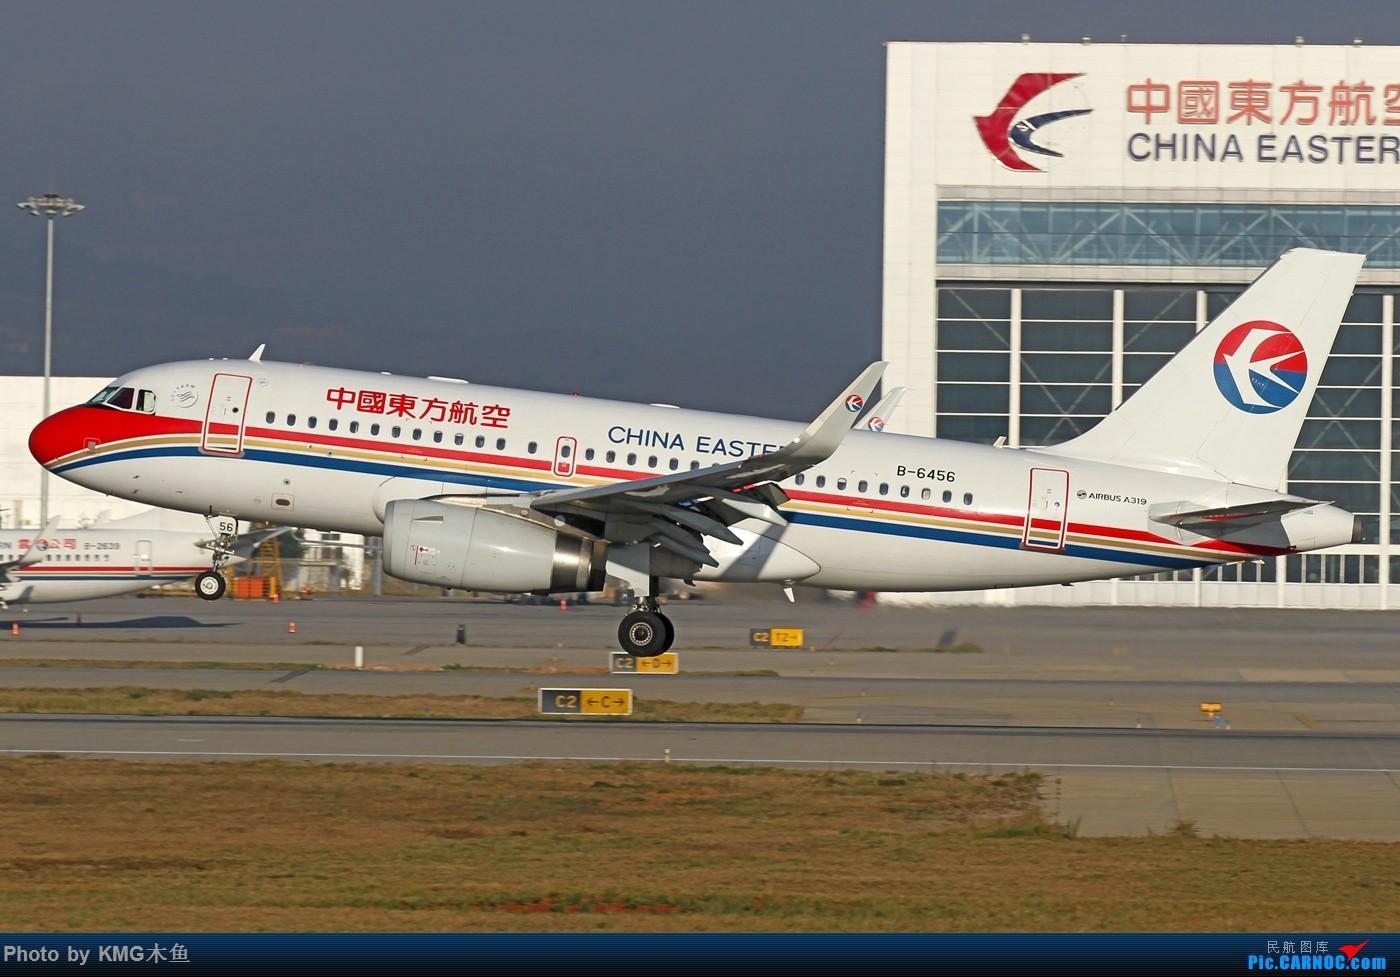 Re:[原创]【KMG昆明长水国际机场】好天气,拍到了好灰机,愉快的一天 AIRBUS A319-100 B-6456 中国昆明长水国际机场